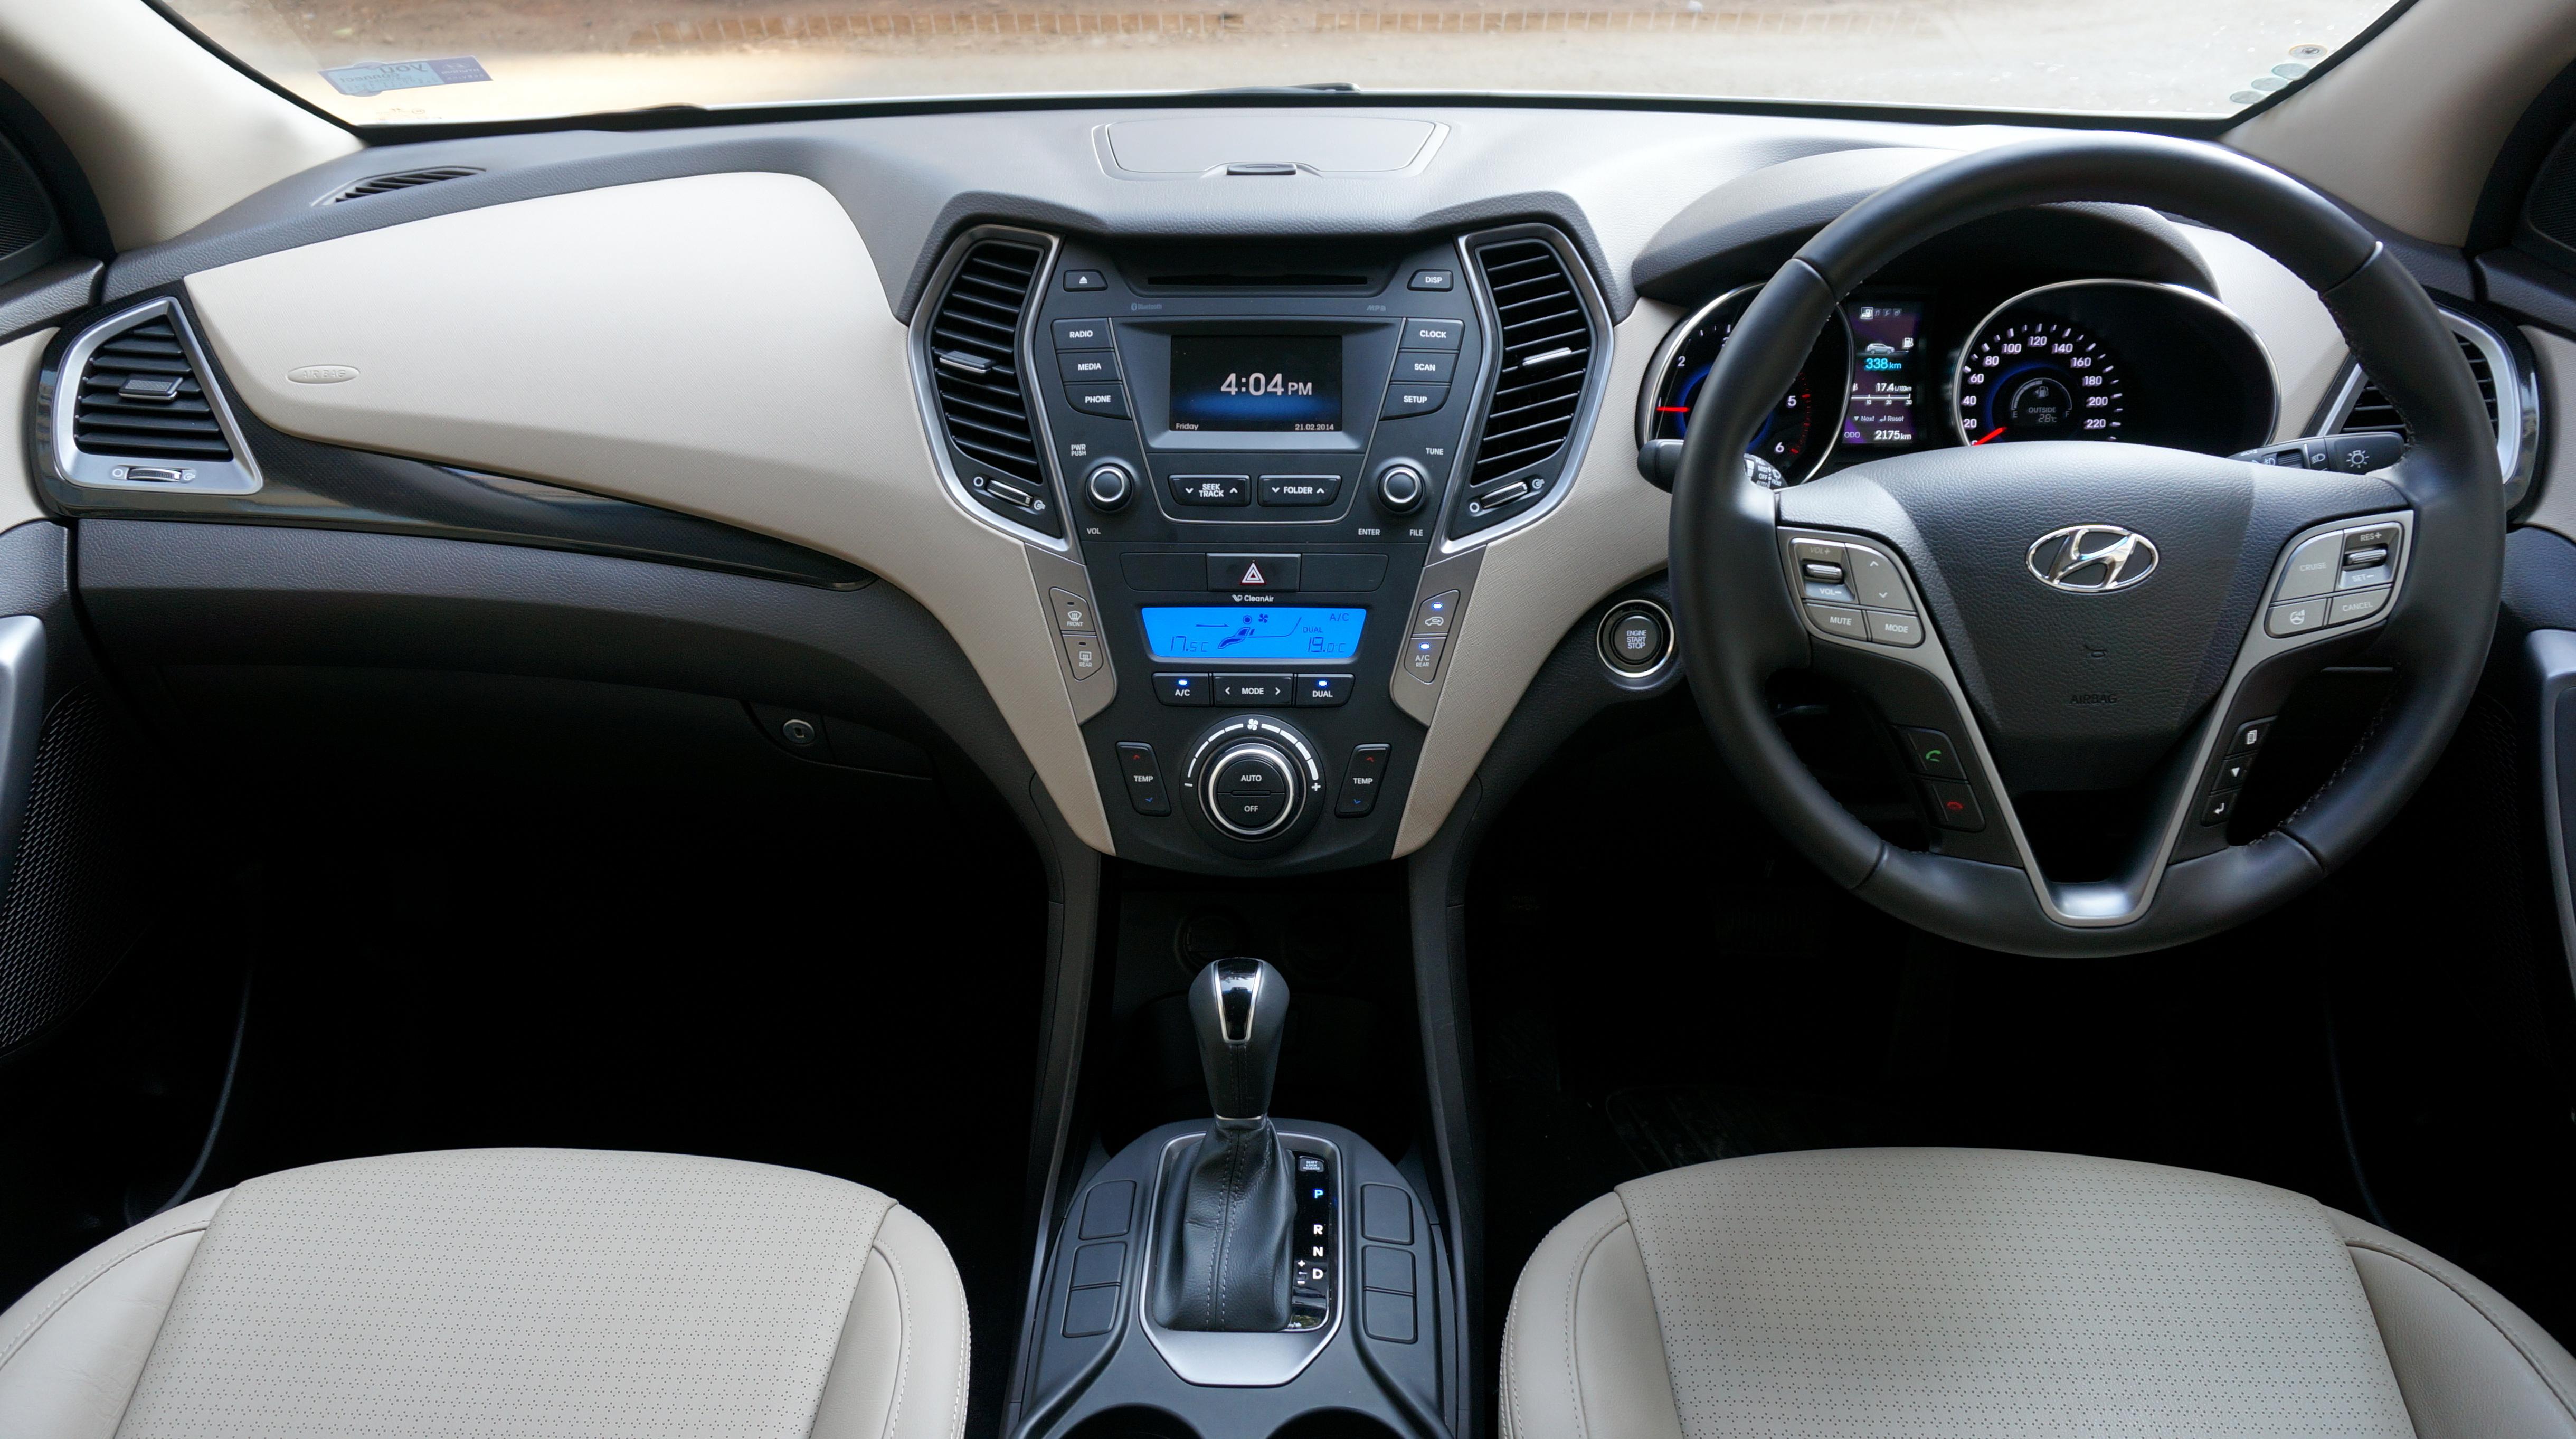 Hyundai announces 18th Free Car Care Clinic